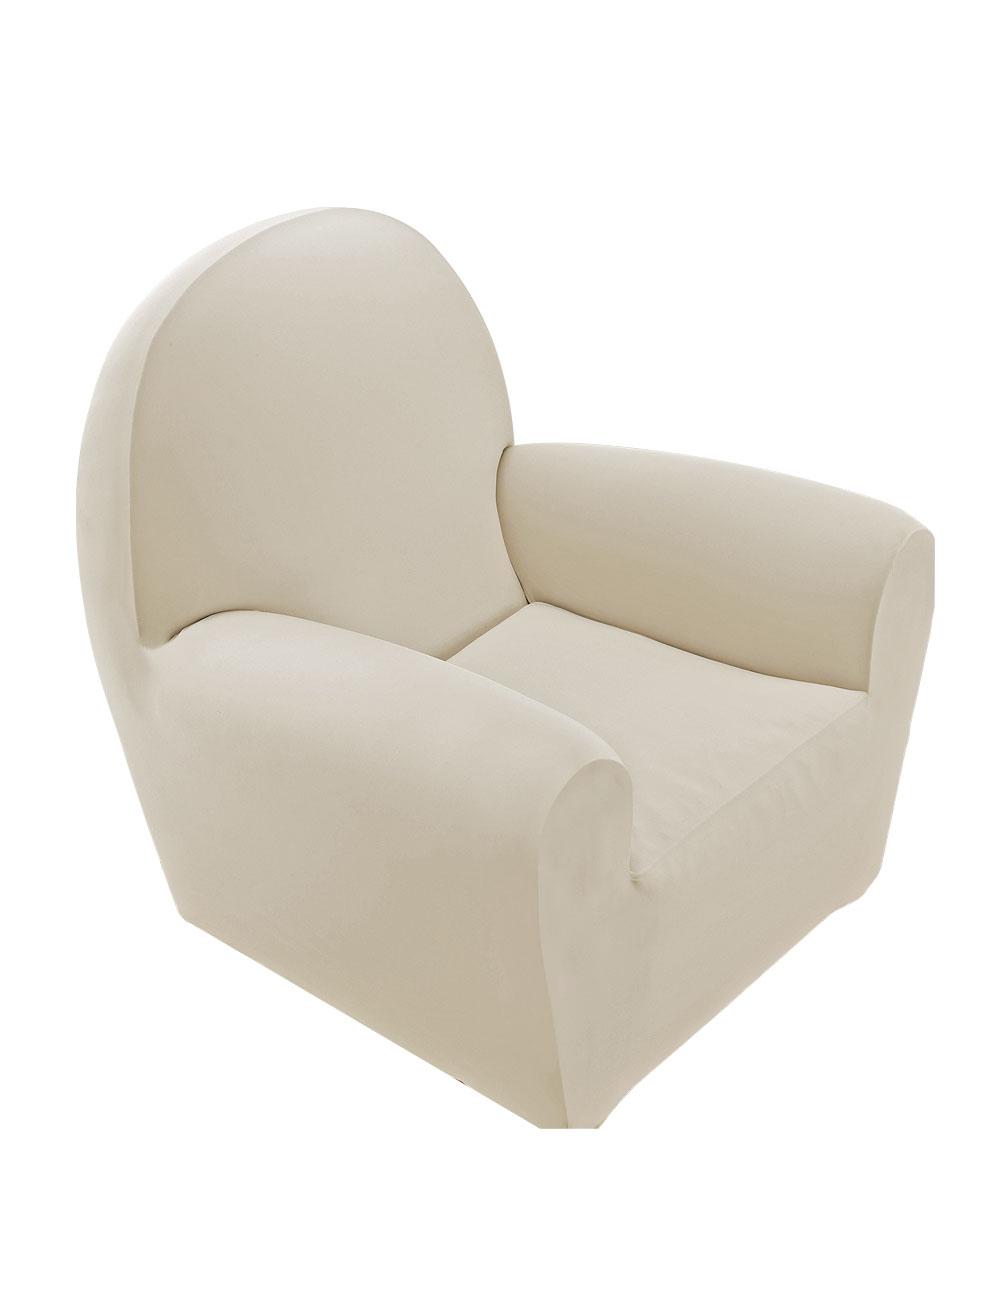 Housse bi lastique pour fauteuil relax beige for Housse fauteuil relax